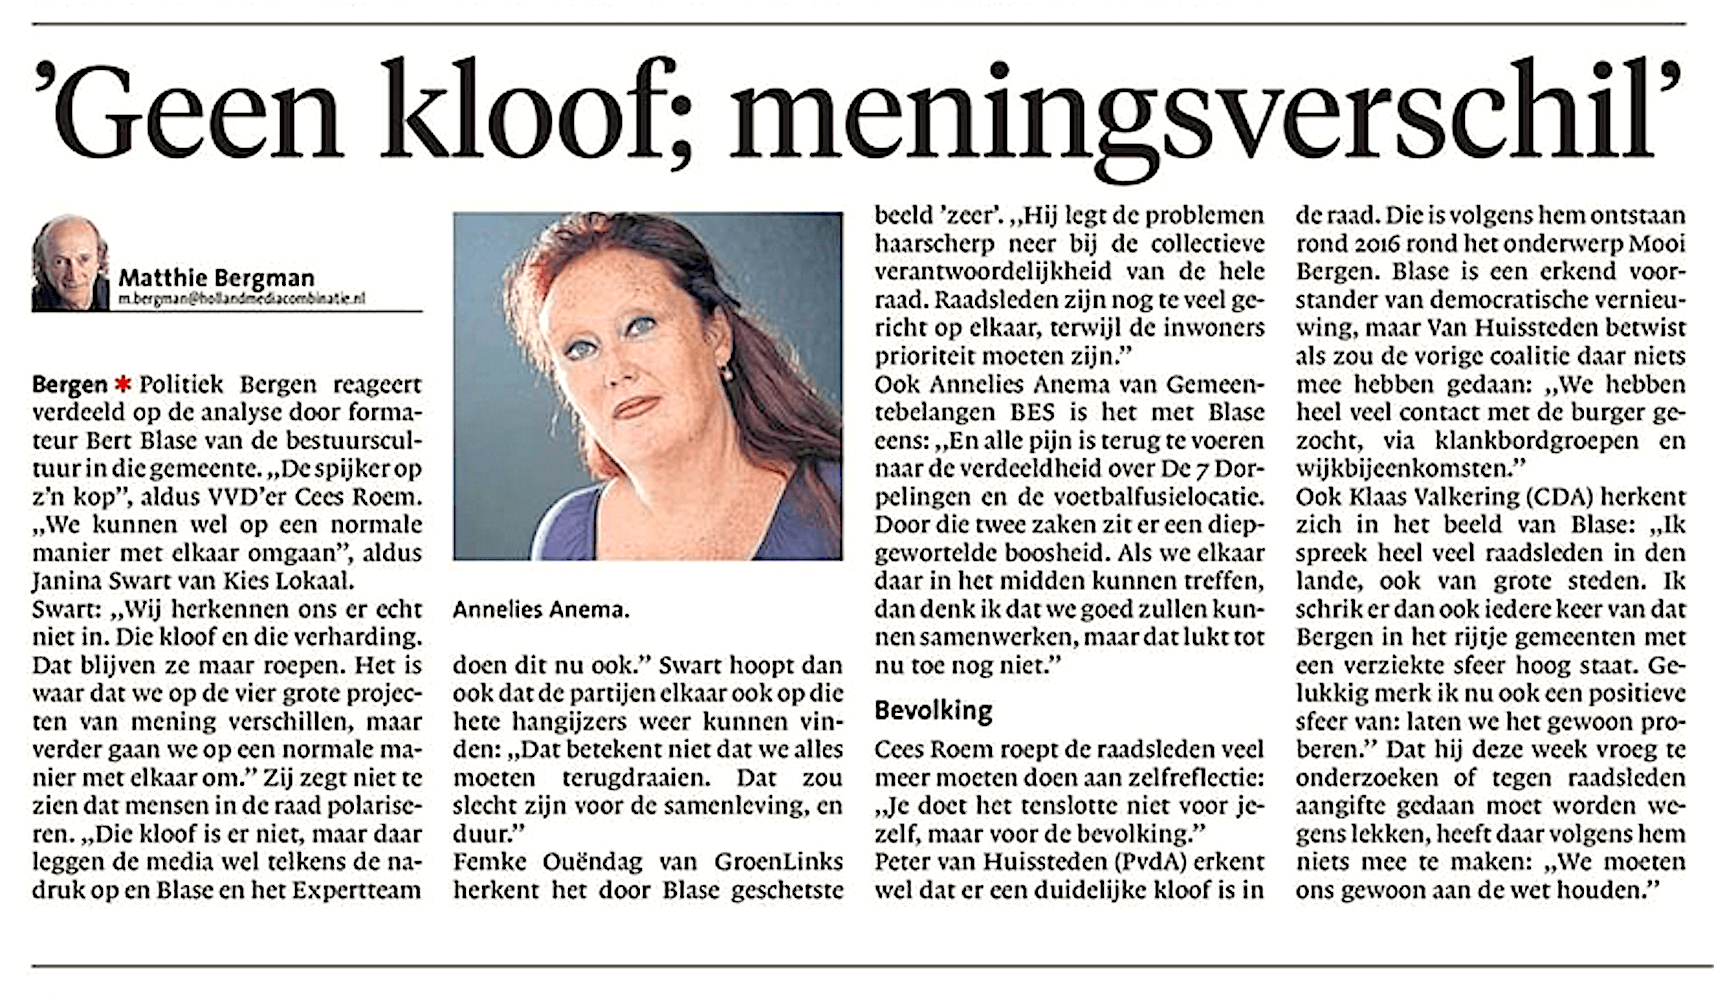 Alkmaarse Courant, 9 juni 2018